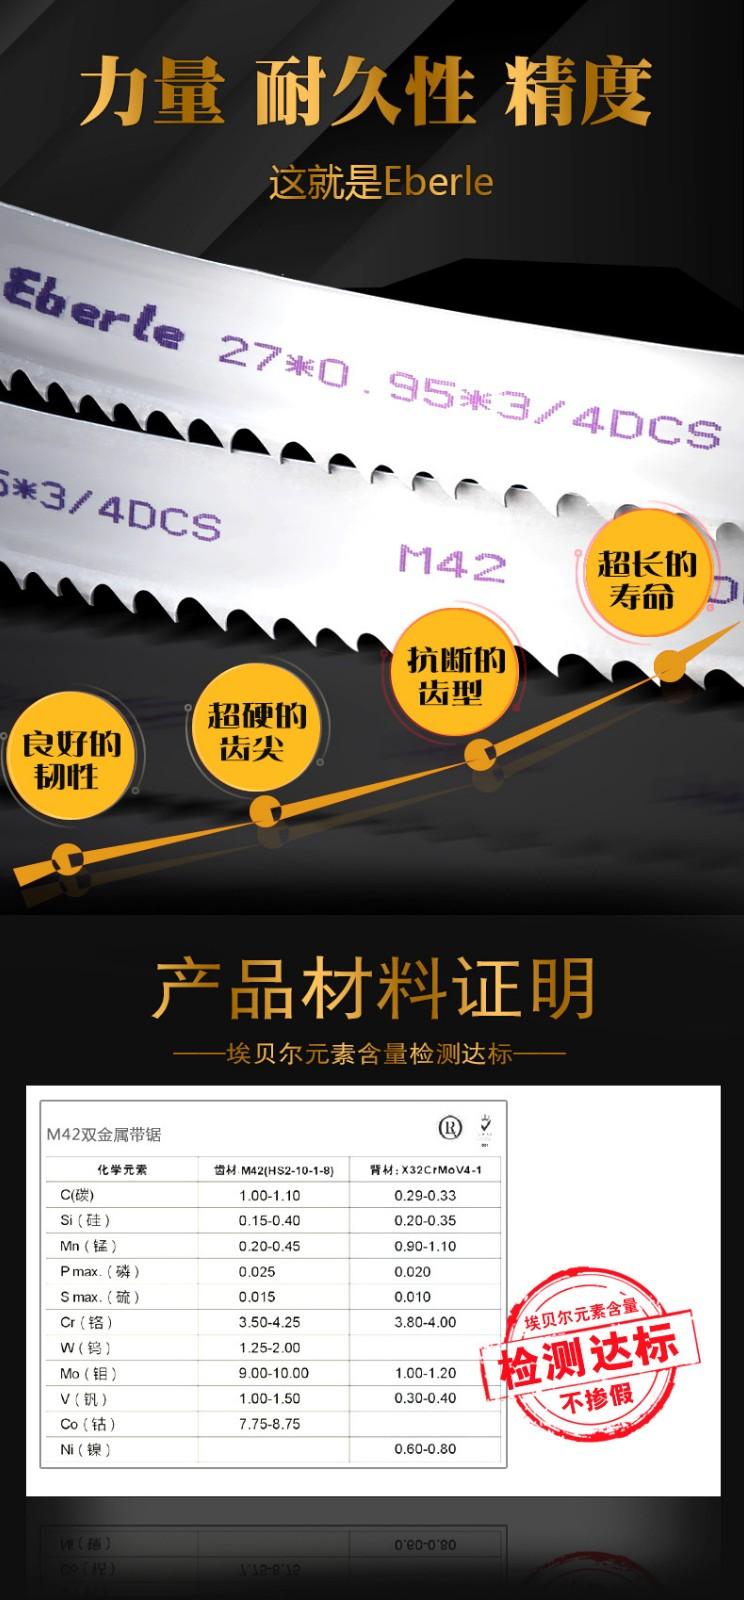 雷竞技_雷竞技下载链接_ti8雷竞技app